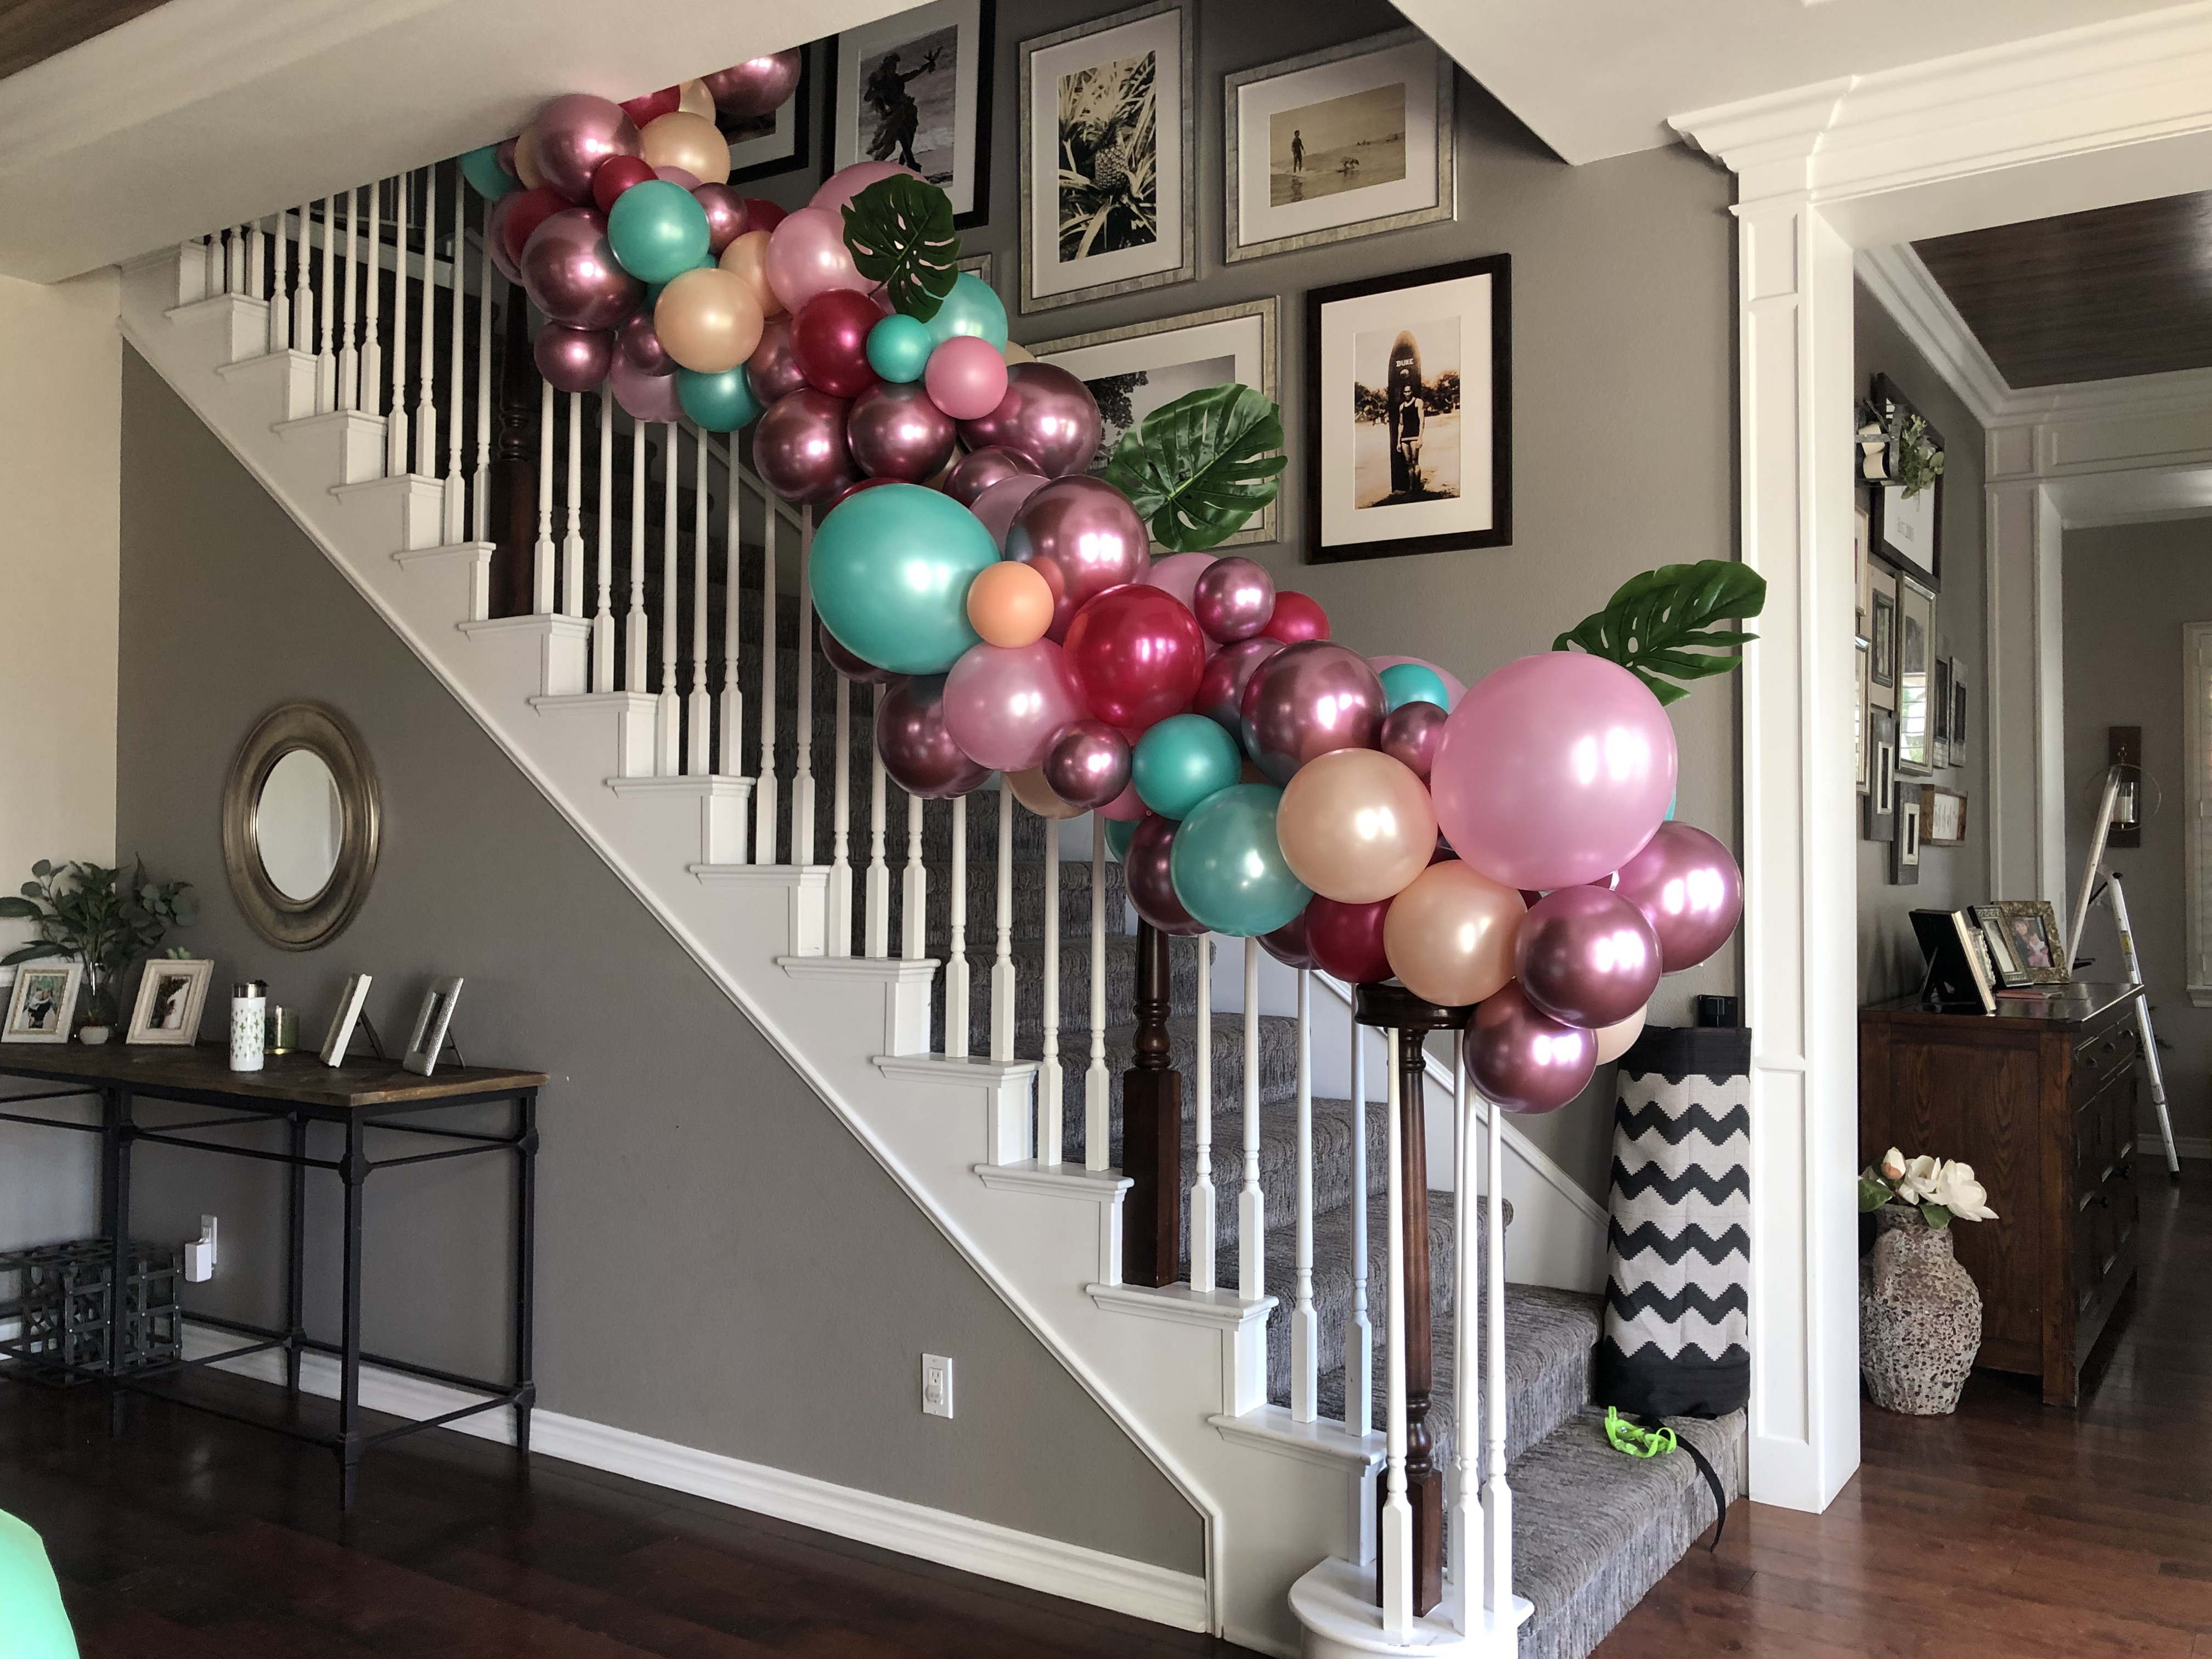 Best Balloon Artist Balloon Twister Columns Arches